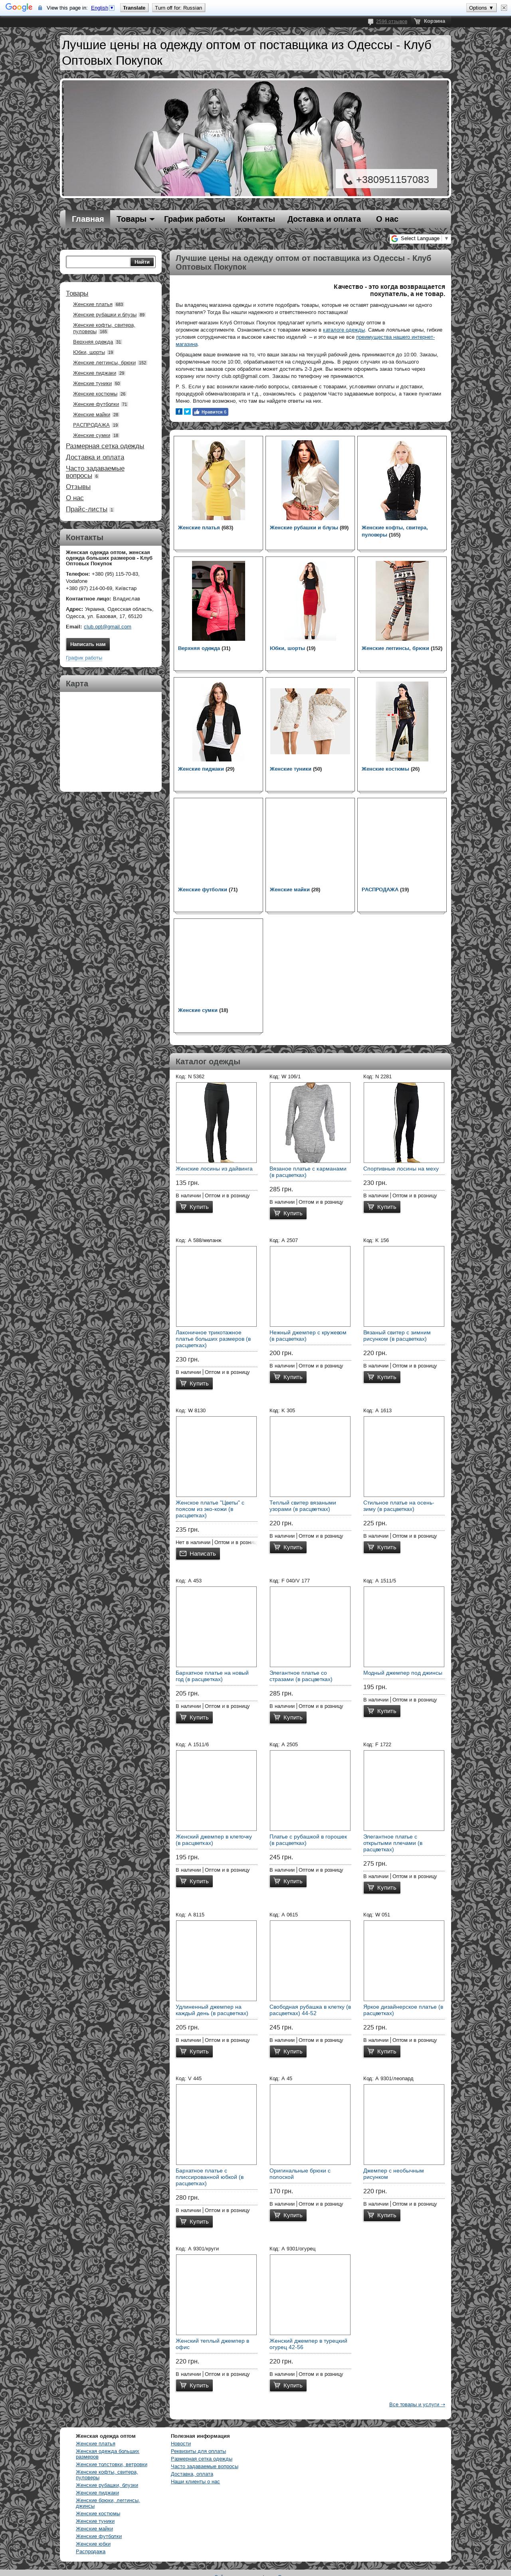 наполнение товаром интернет магазина на площадке prom.ua • Фриланс ... a0906985c2214